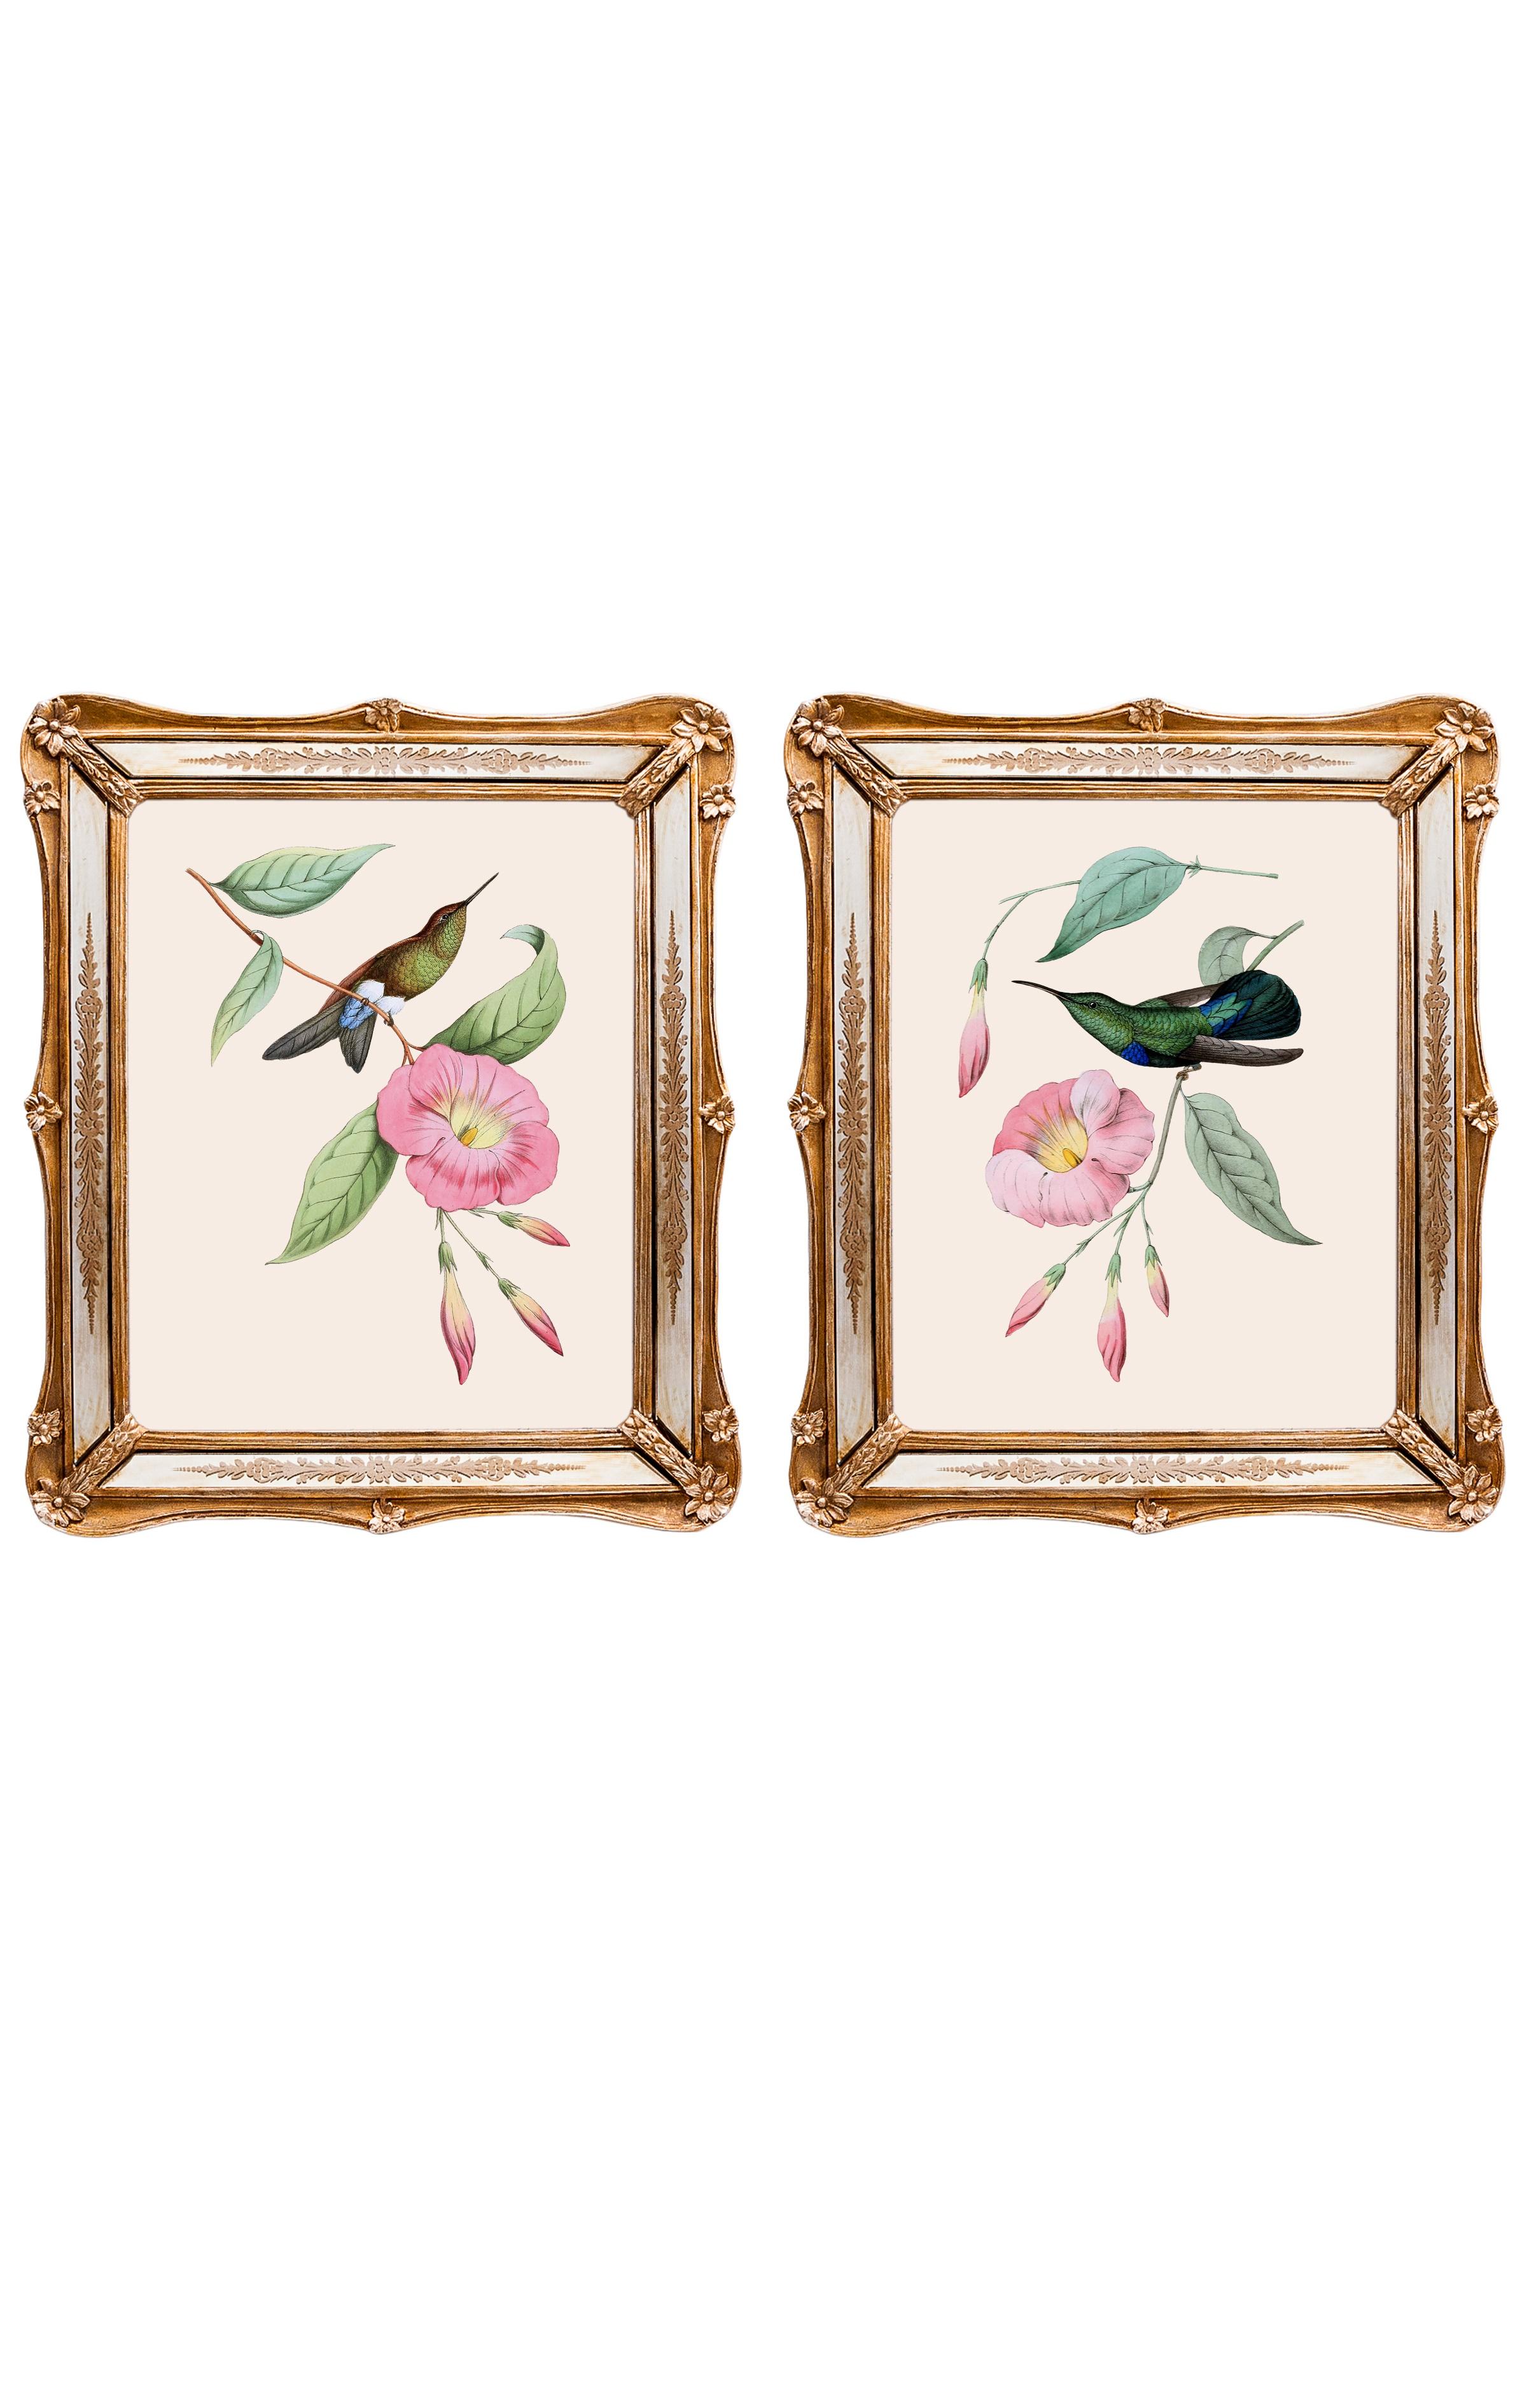 Набор из двух репродукций СофиКартины<br>&amp;lt;div&amp;gt;Репродукции акварелистов 19 века удовлетворят даже самый взыскательный вкус. Как очаровательны эти экзотические птицы! Красота оперения наталкивает на мысль, что это райские создания. Репродукции акварелей, обрамленные в великолепные рамы с зеркальными вставками, созданы удивлять и ежедневно дарить прекрасное настроение. Картины можно повесить на стену, а можно поставить, например, на стол или камин. Защитный стеклянный слой сохранит изображение от воздействий окружающей среды. Если Вам захочется обновить интерьер, Вы можете с легкостью заменить изображение картины!&amp;lt;/div&amp;gt;&amp;lt;div&amp;gt;&amp;lt;br&amp;gt;&amp;lt;/div&amp;gt;&amp;lt;div&amp;gt;Изображение - дизайнерская бумага; рама - искуственный камень, зеркальные вставки; защитный слой - стекло&amp;amp;nbsp;&amp;lt;/div&amp;gt;&amp;lt;div&amp;gt;цвет:мультиколор&amp;lt;/div&amp;gt;<br><br>Material: Бумага<br>Ширина см: 26<br>Высота см: 30<br>Глубина см: 2